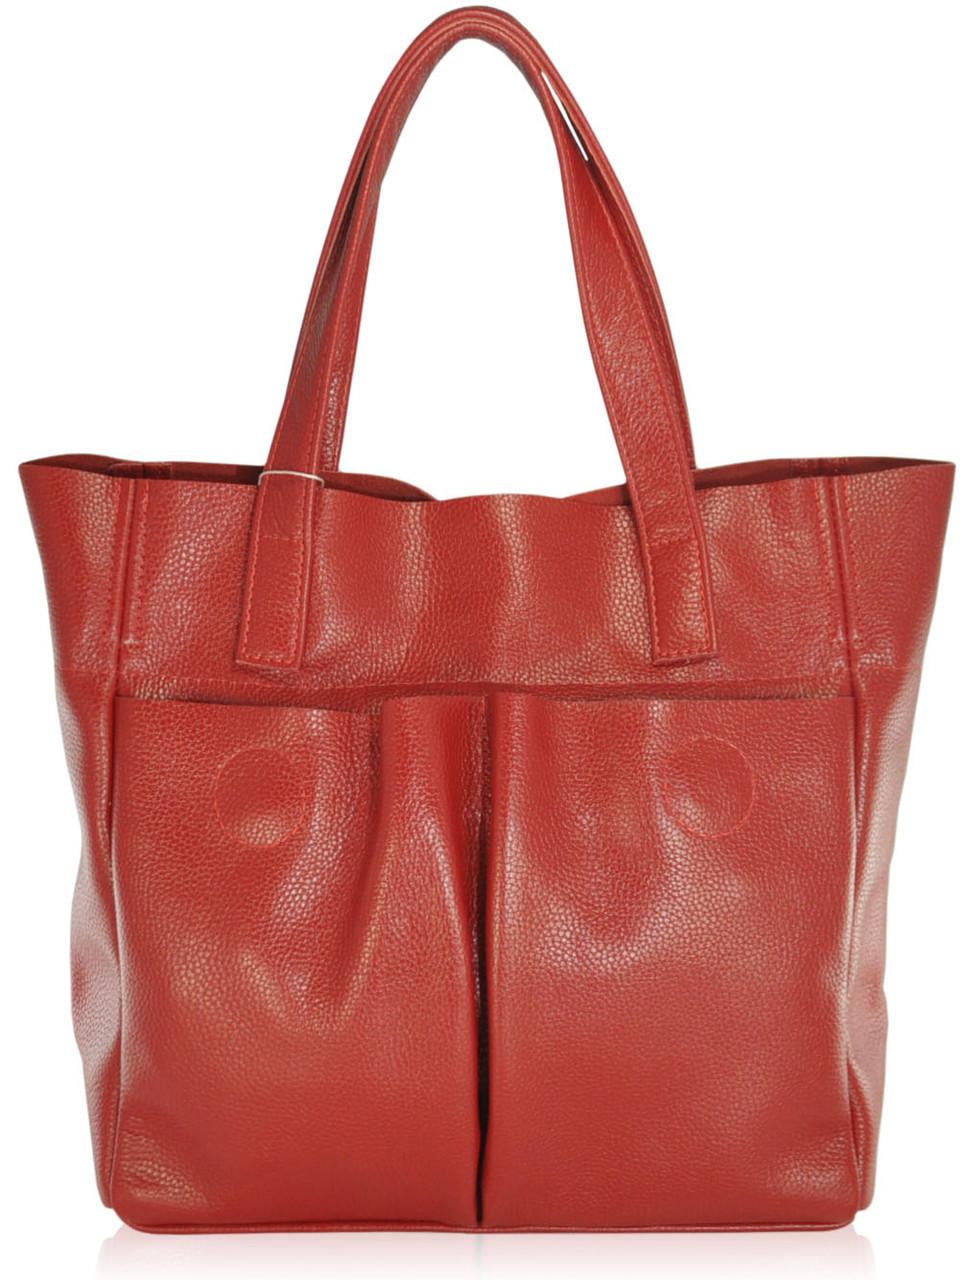 b6320cdf2960 Женская кожаная сумка с карманами красная — купить в Киеве недорого